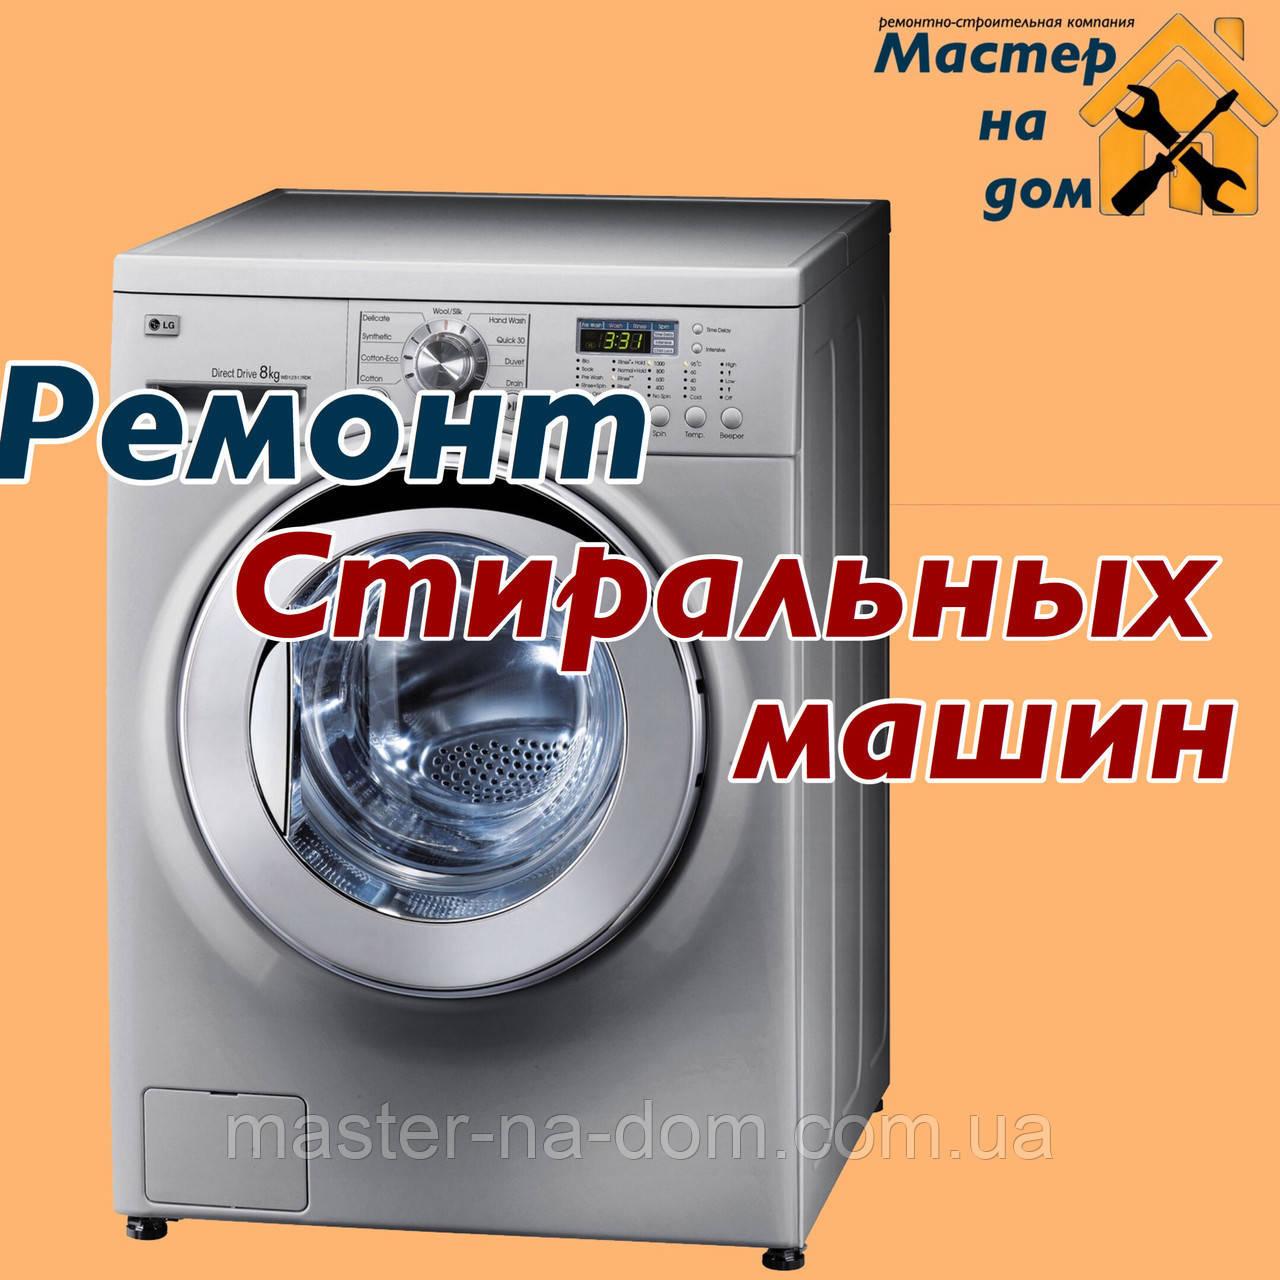 Ремонт стиральных машин в Луцке